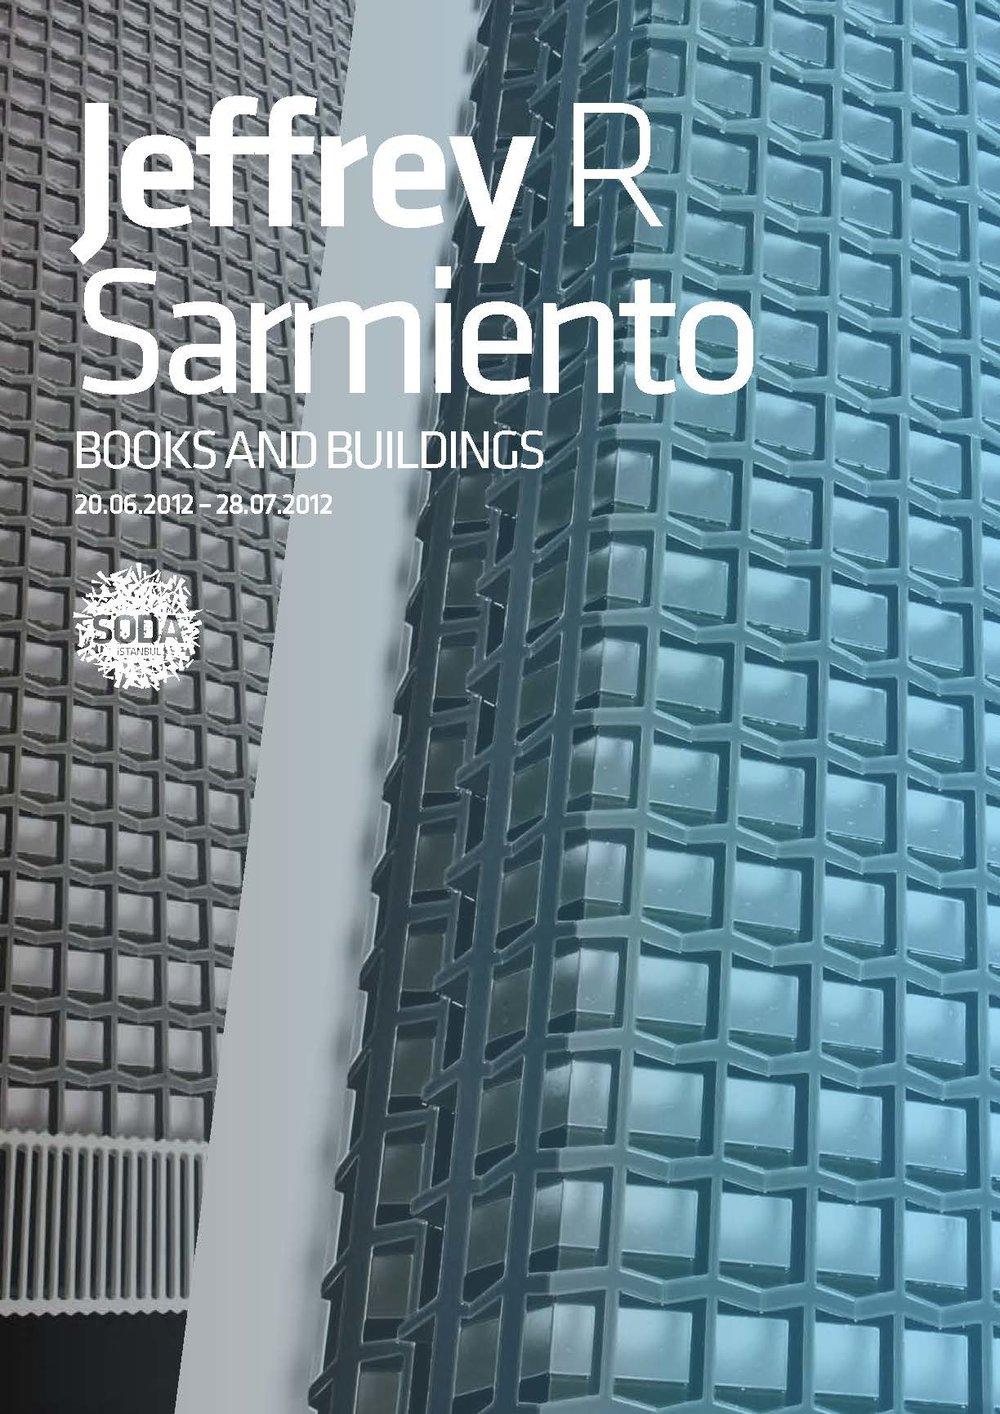 sarmiento_booksandbuildings_cover_2012_web.jpg